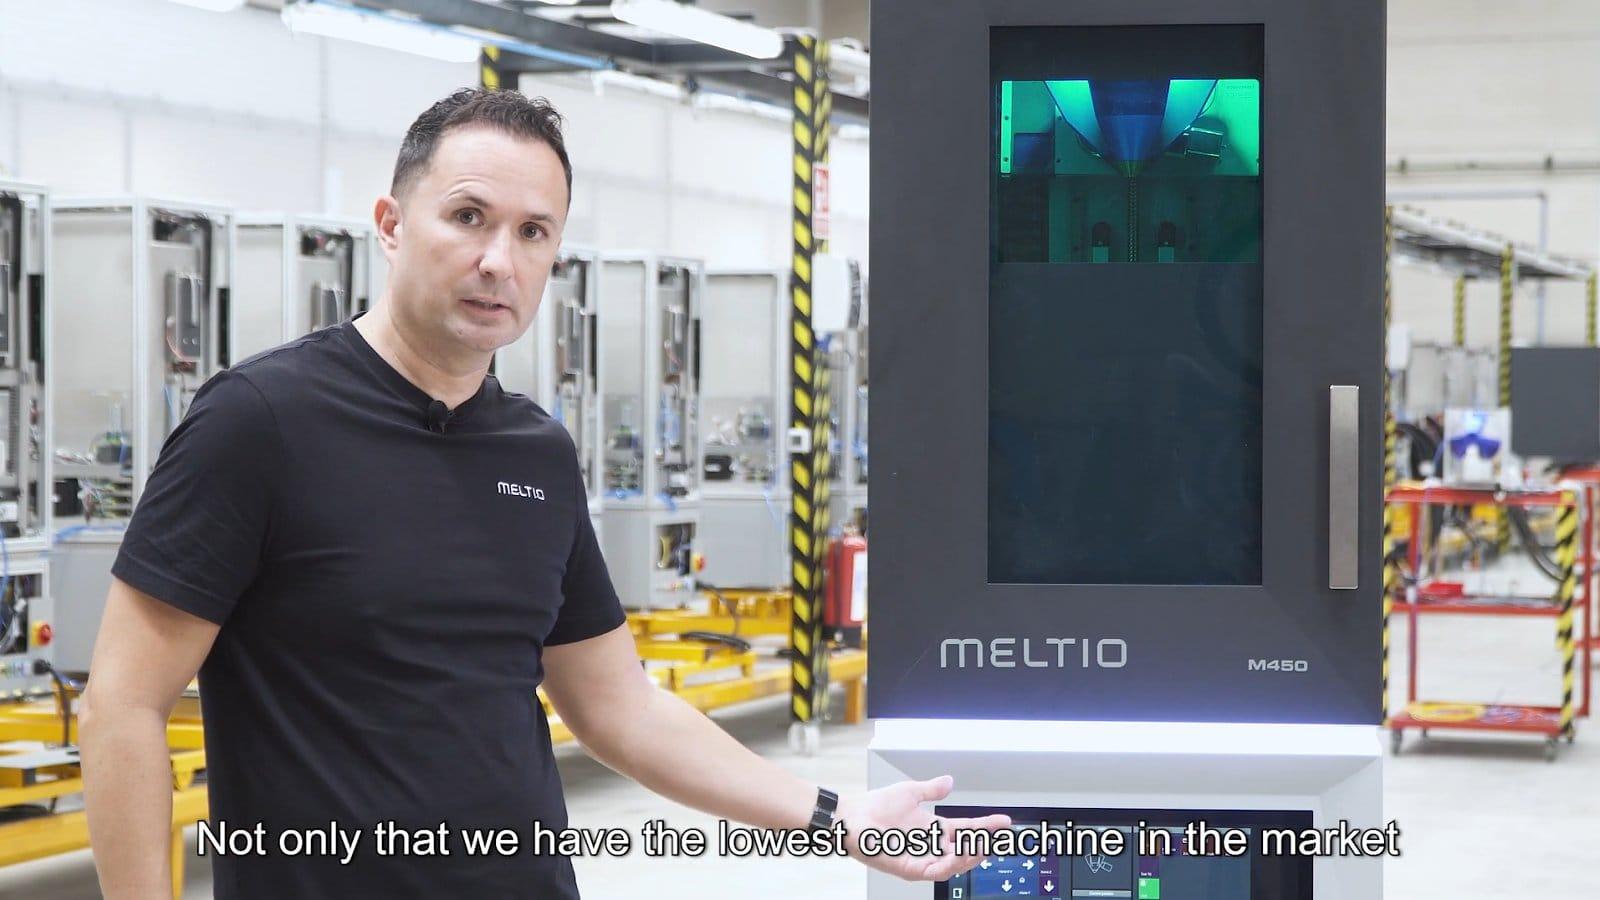 Meltio M450 intro video